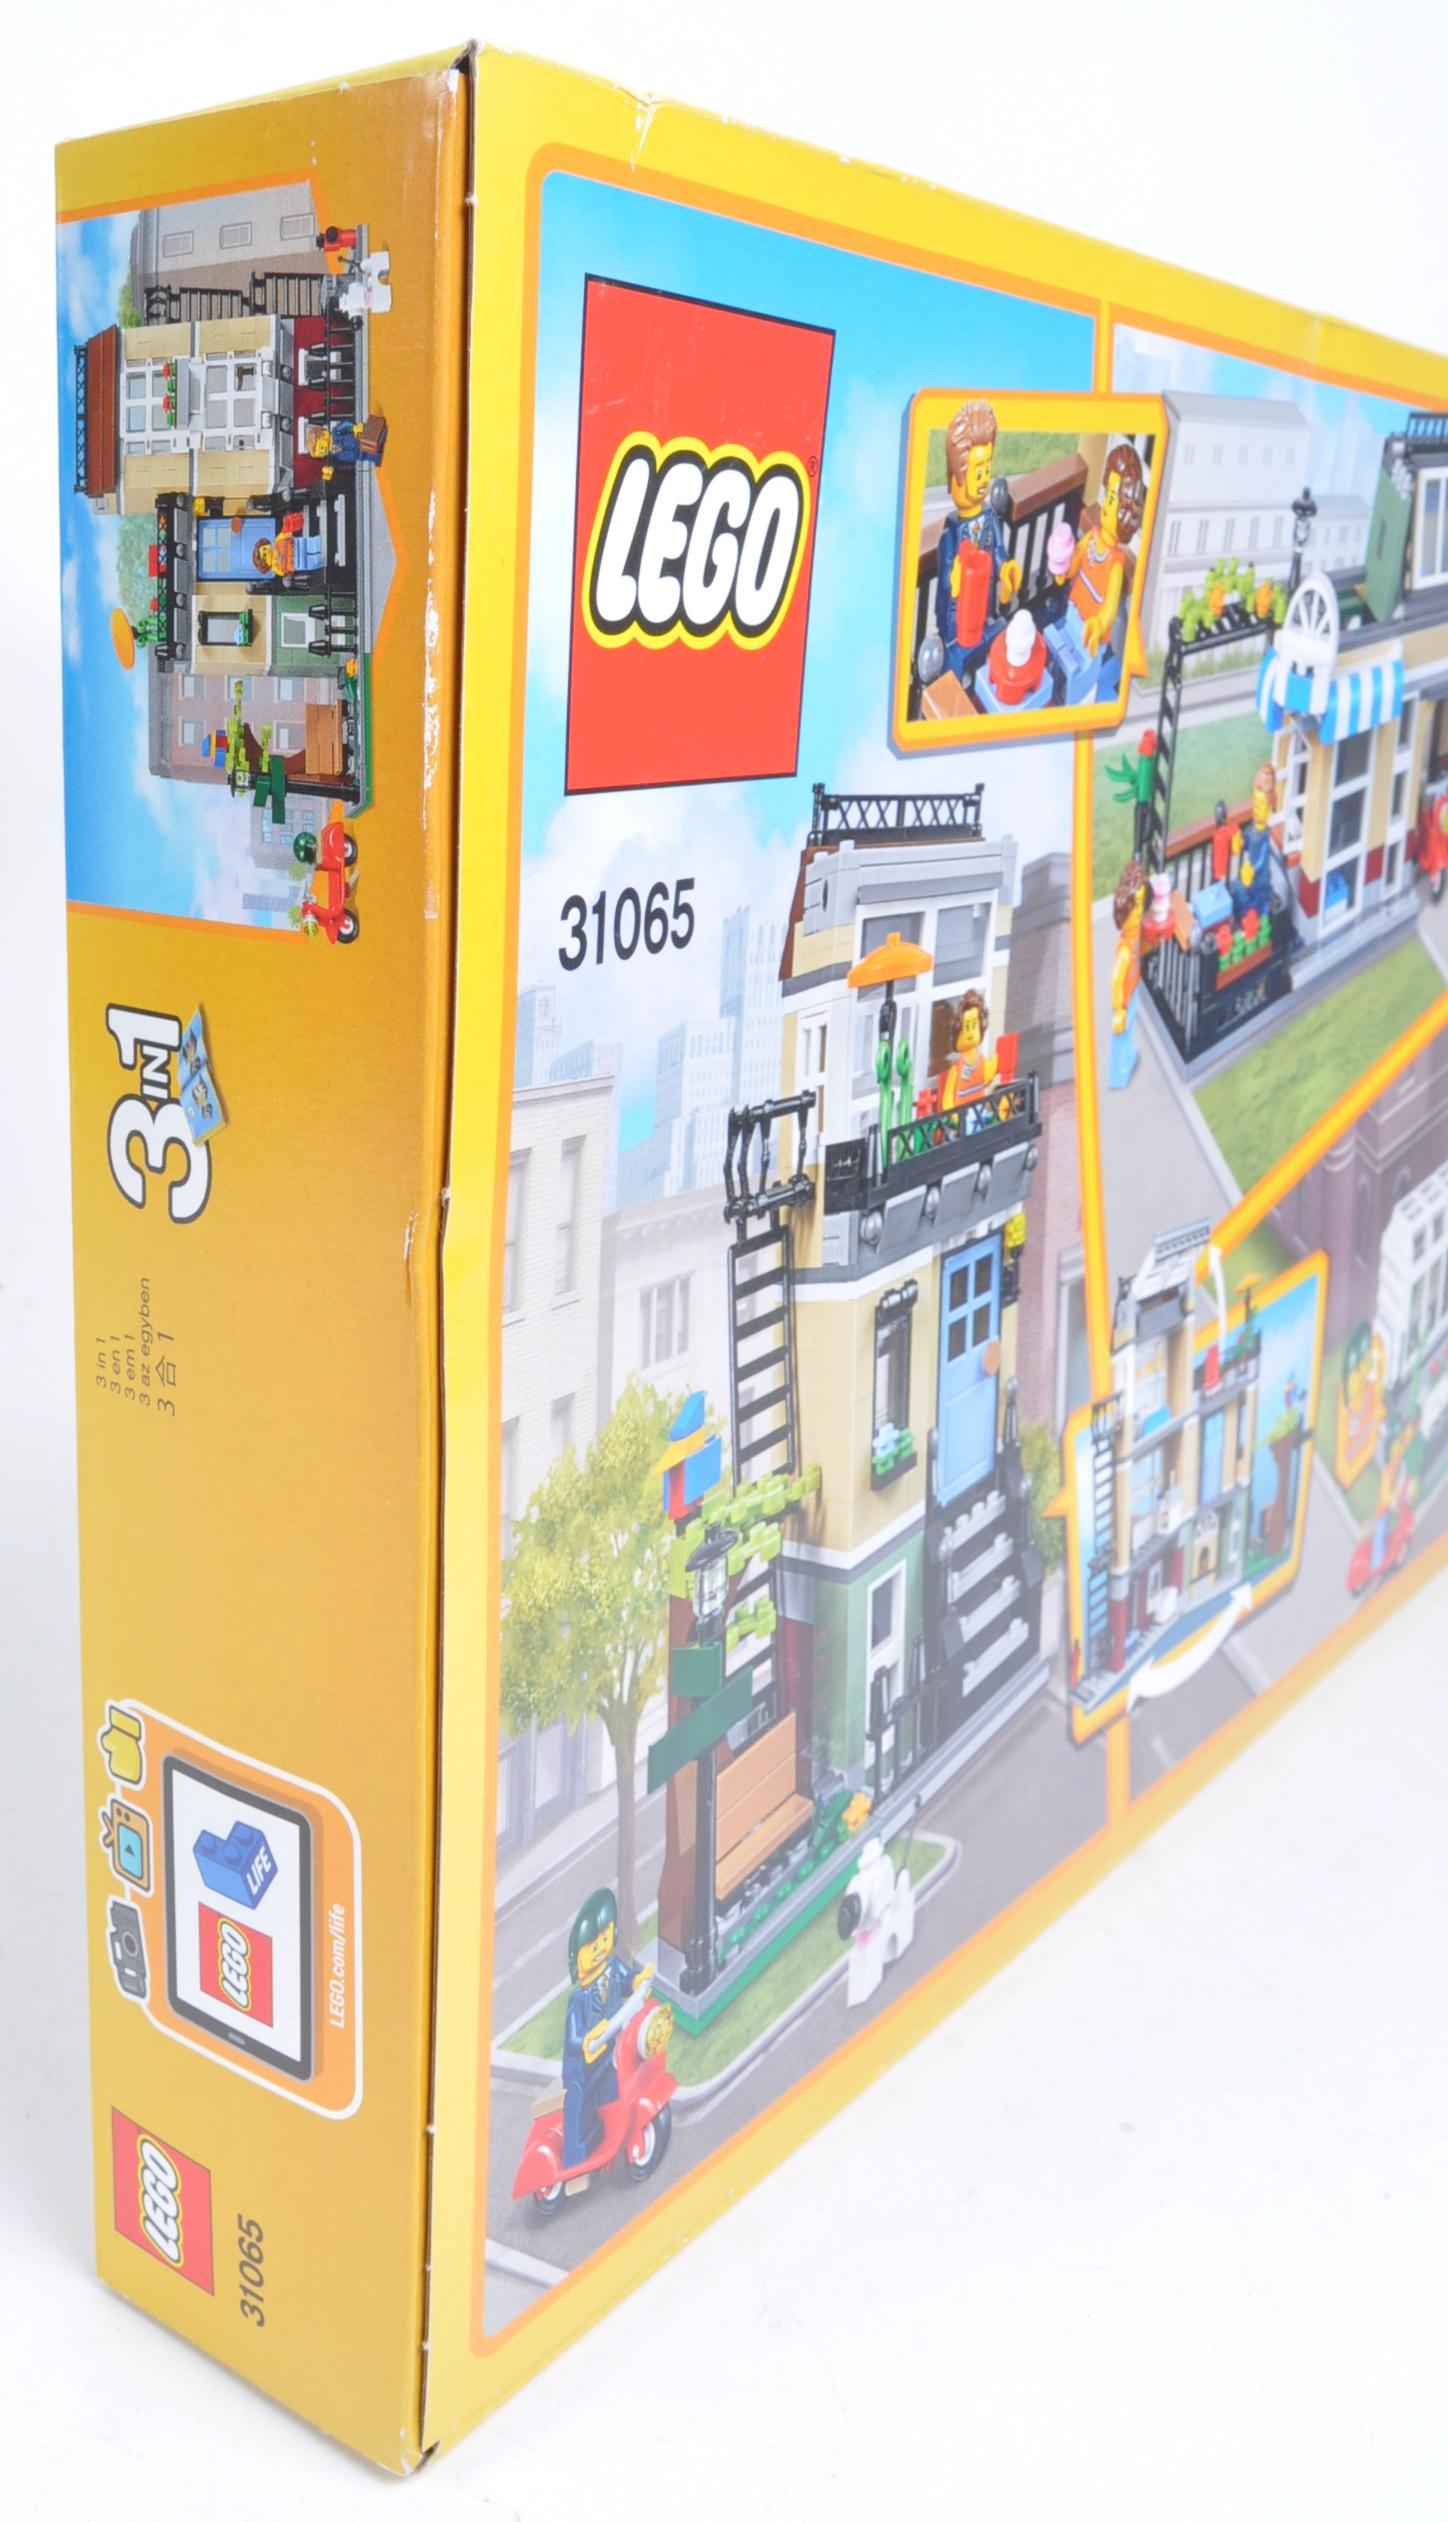 LEGO SETS - LEGO CREATOR - 31065 / 31069 - Image 4 of 6